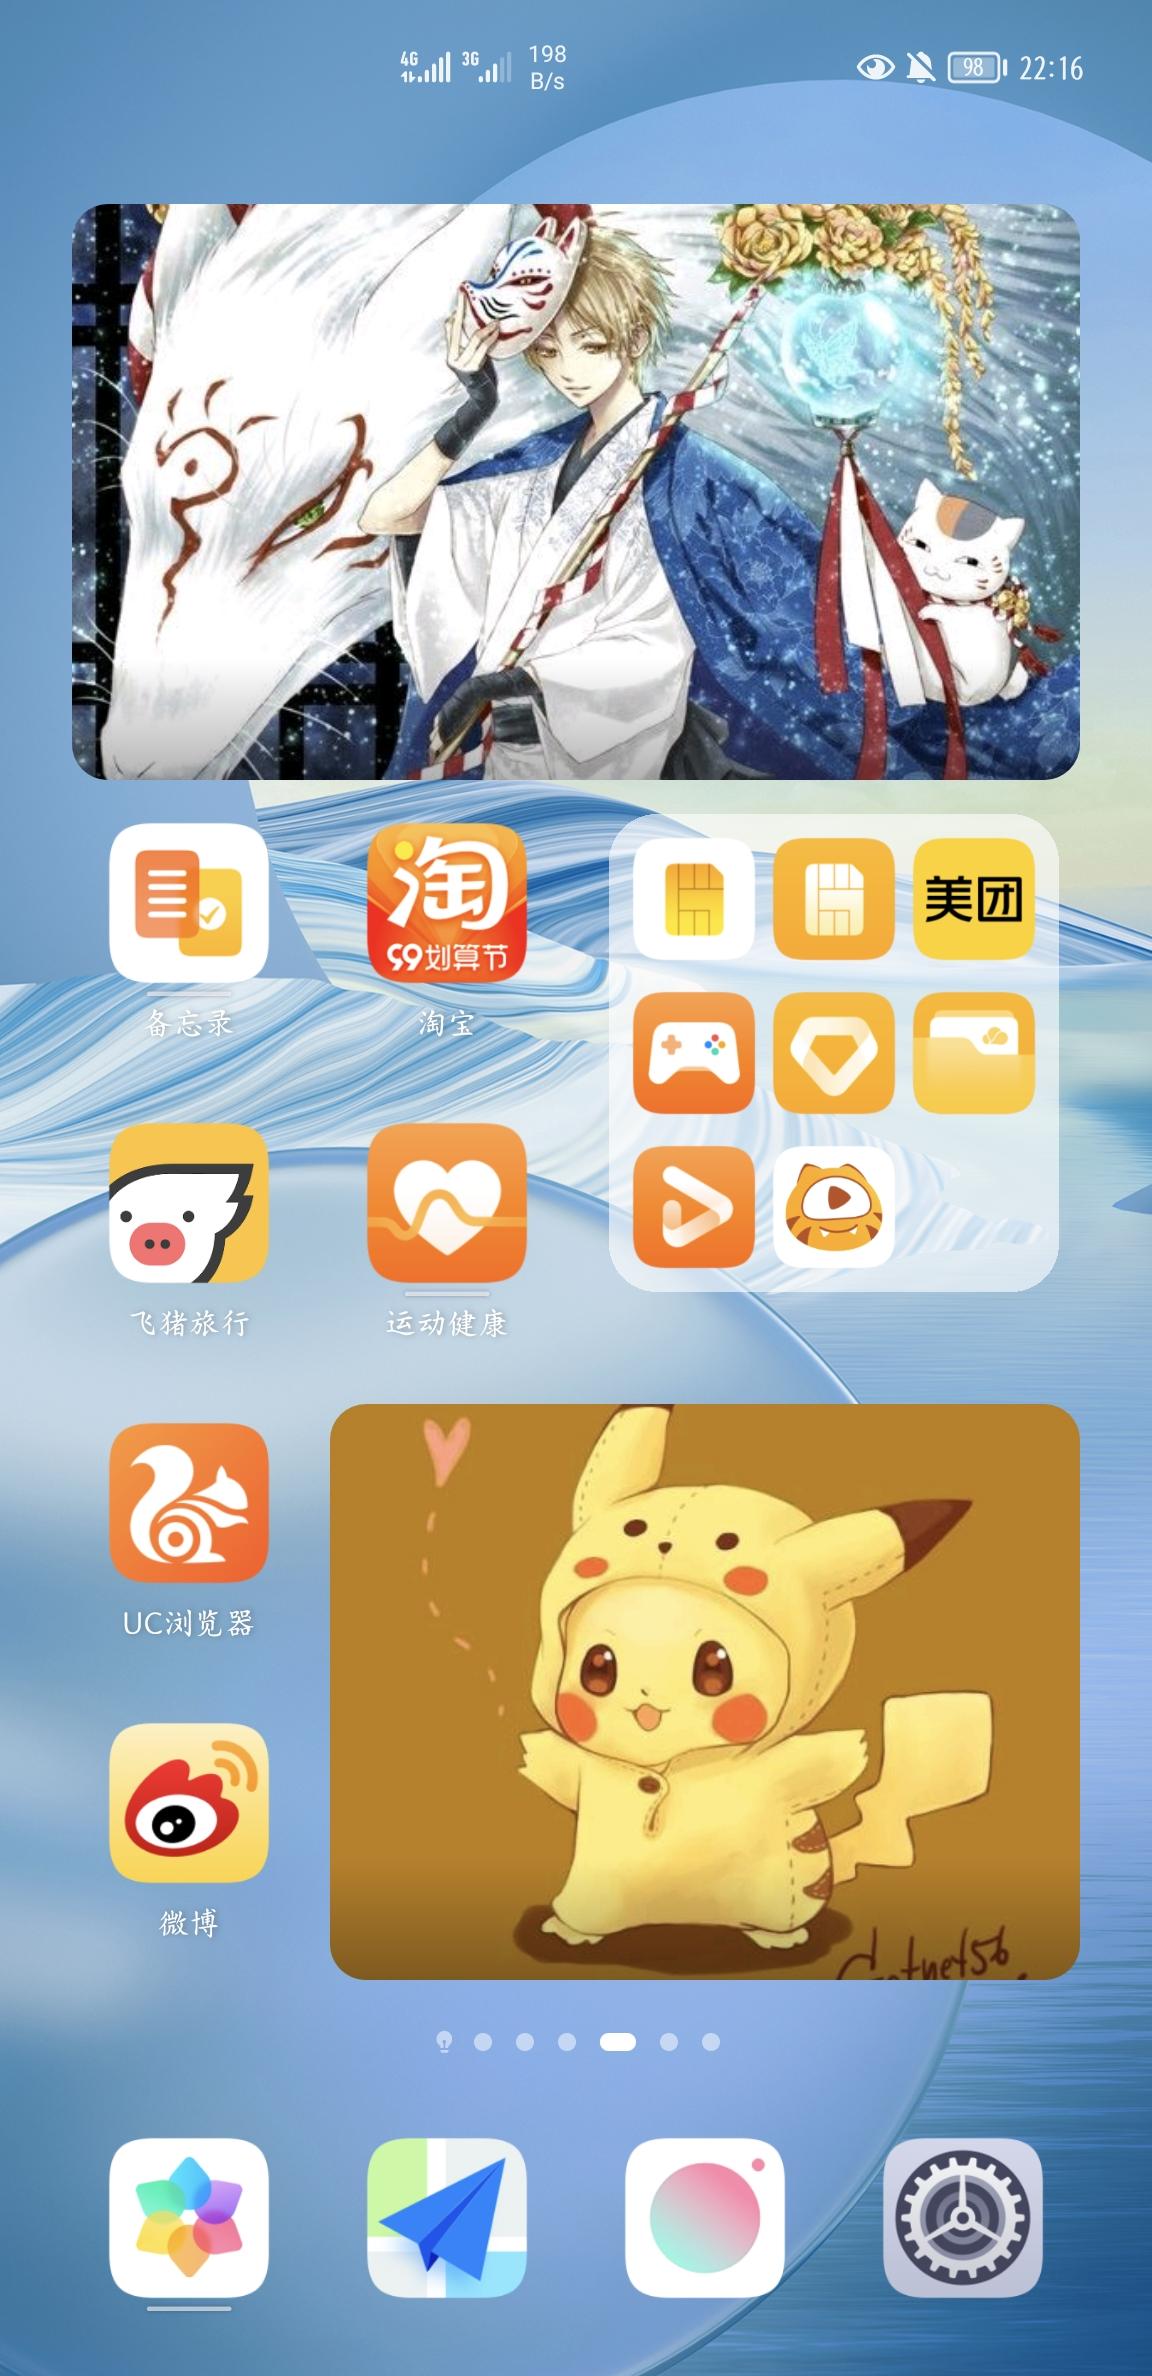 Screenshot_20210915_221656_com.huawei.android.launcher.jpg